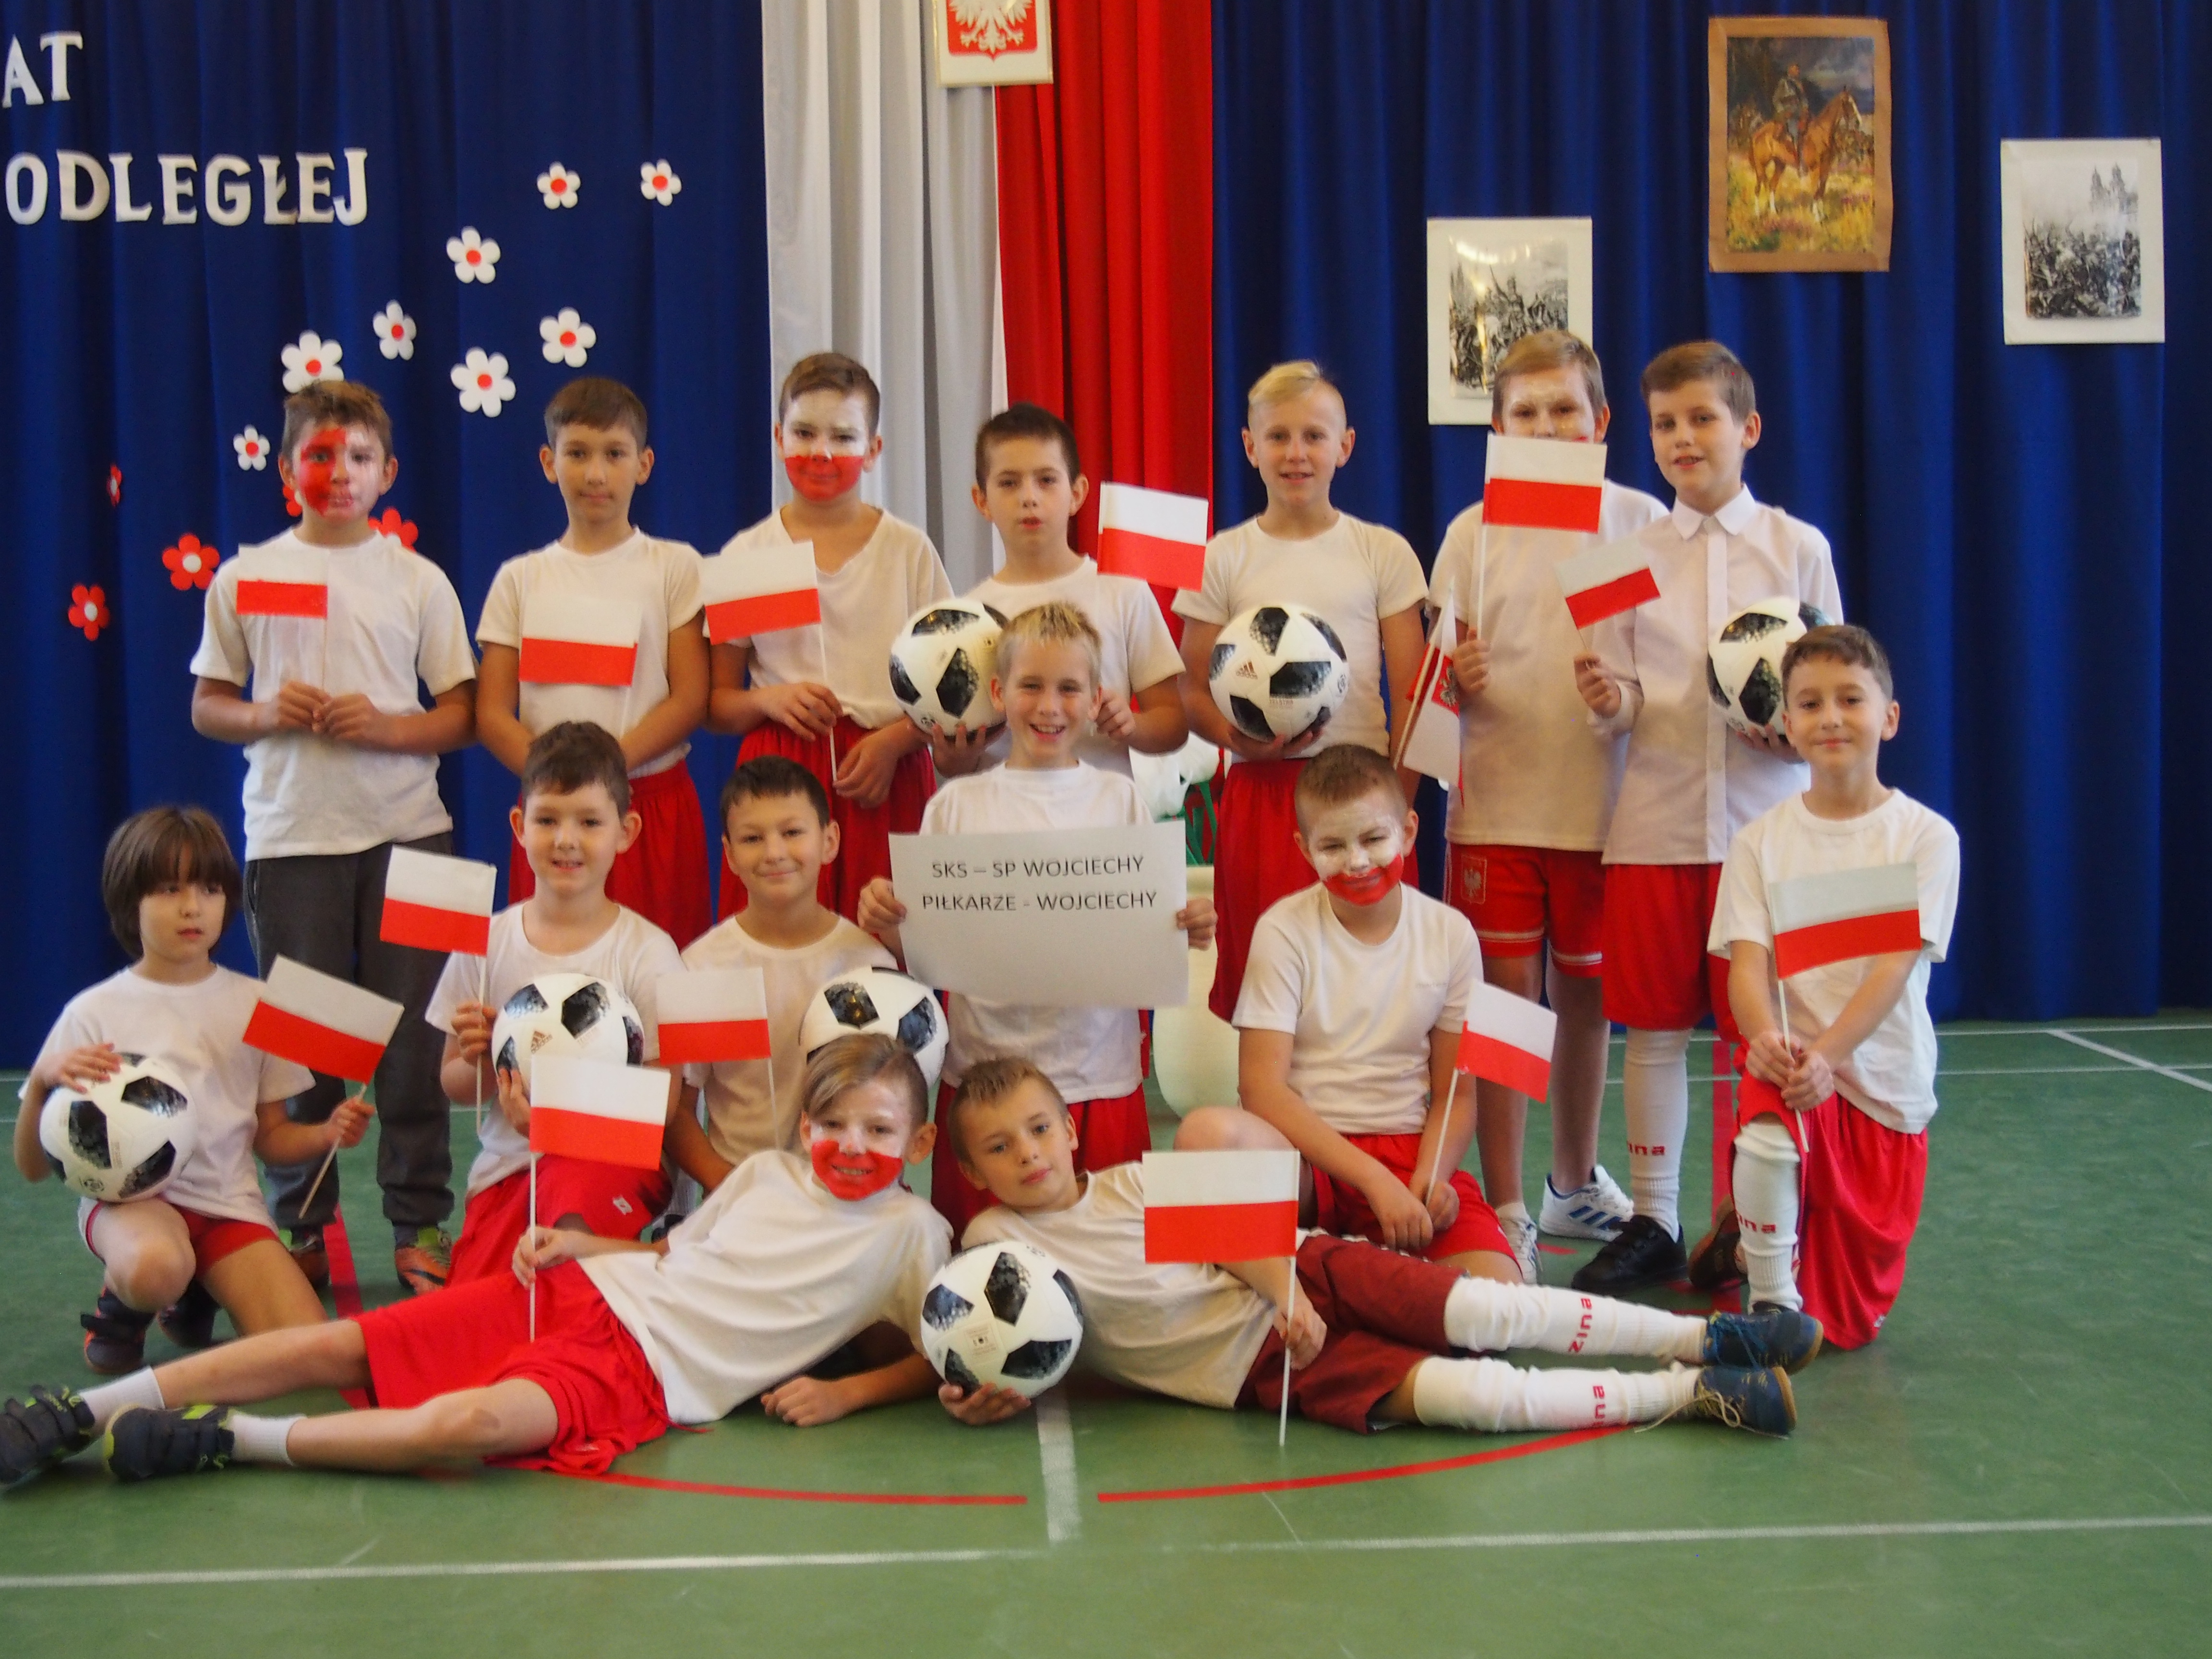 0dd941470f Obchody 100. rocznicy odzyskania niepodległości przez Polskę w Szkole  Podstawowej w Wojciechach